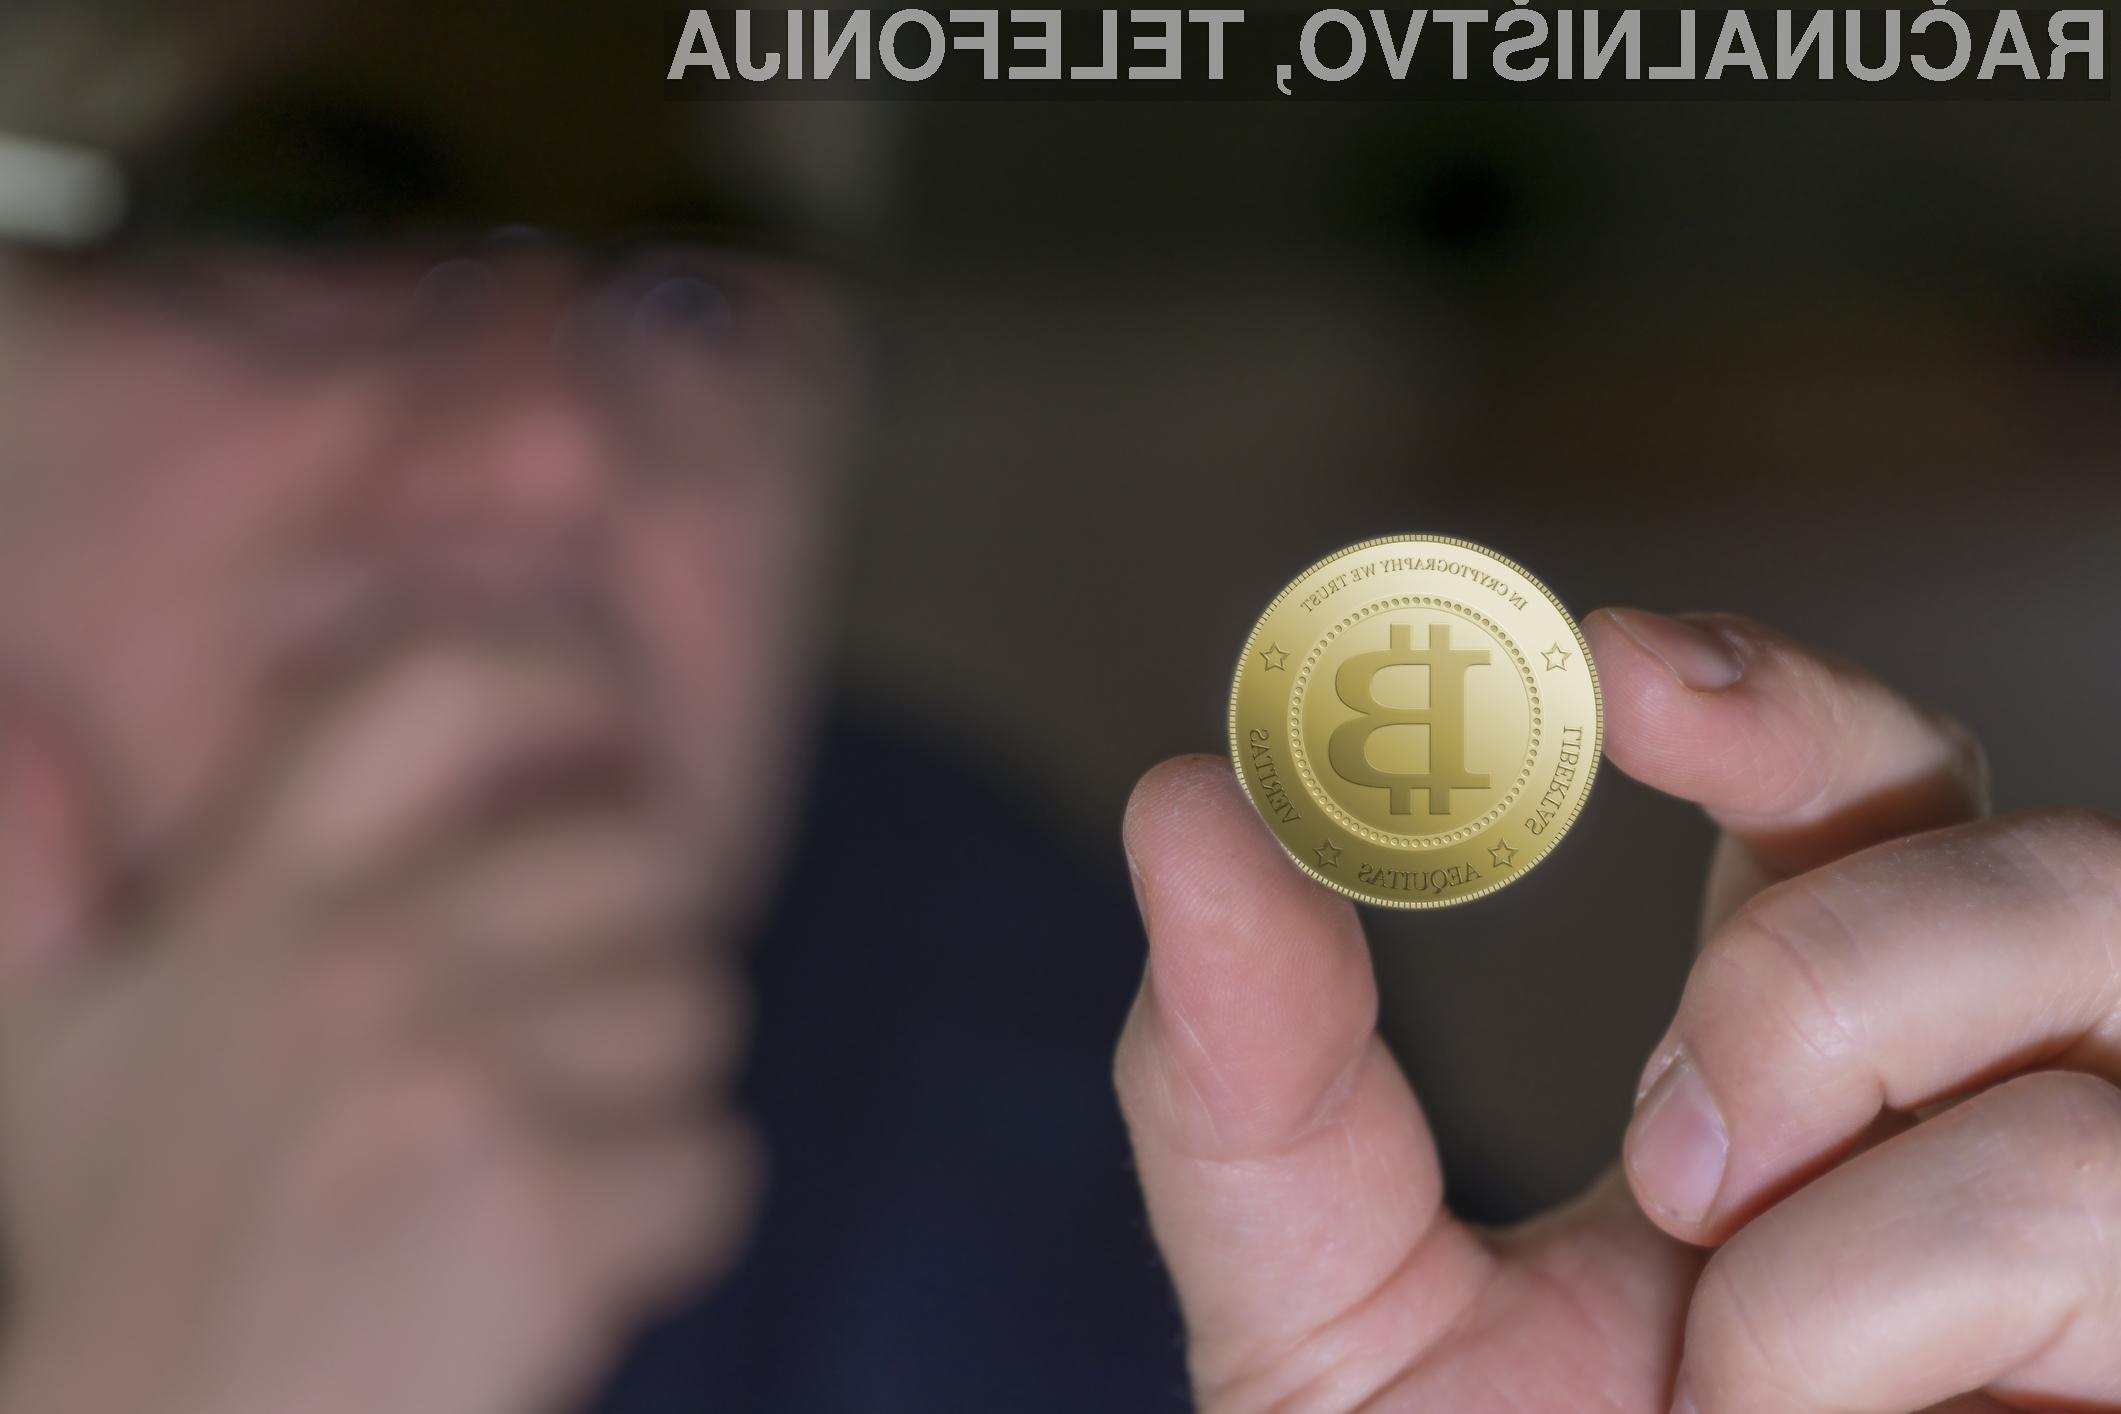 Področje dedovanja kriptovalut zakonsko trenutno še ni urejeno!